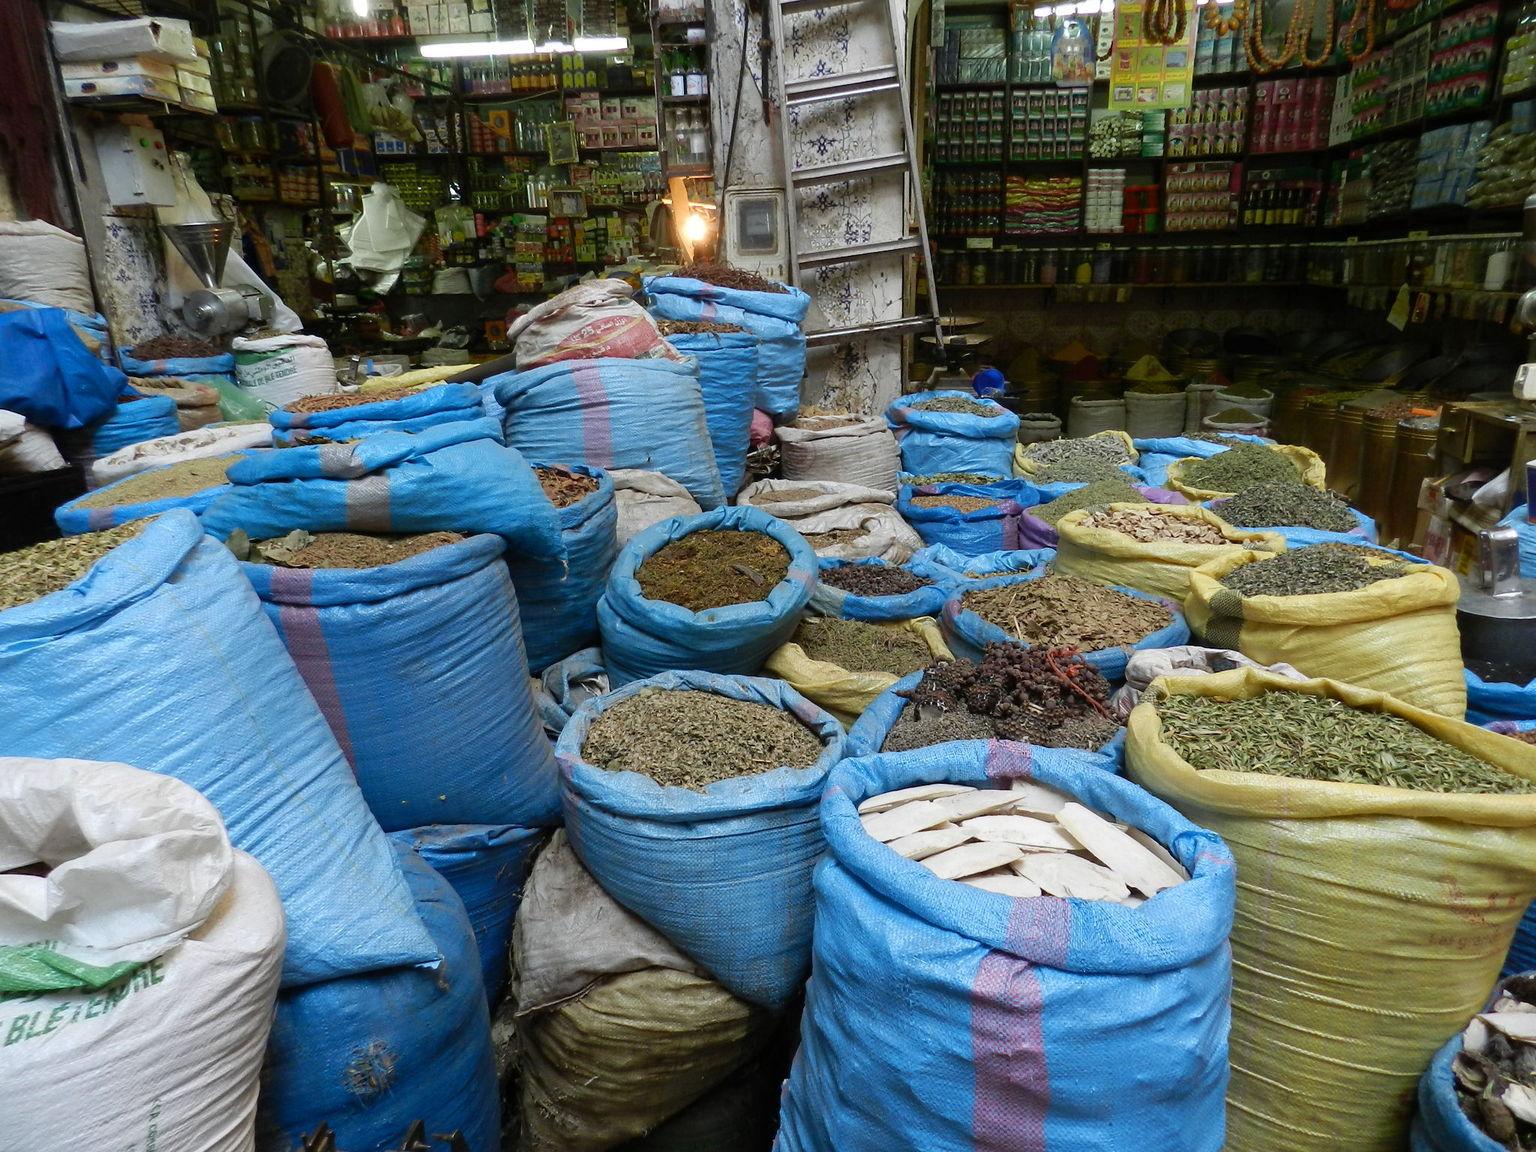 MAIS FOTOS, Experiência em Marraquexe: excursão gastronômica ao mercado de Djemaa El Fna incluindo um jantar tradicional